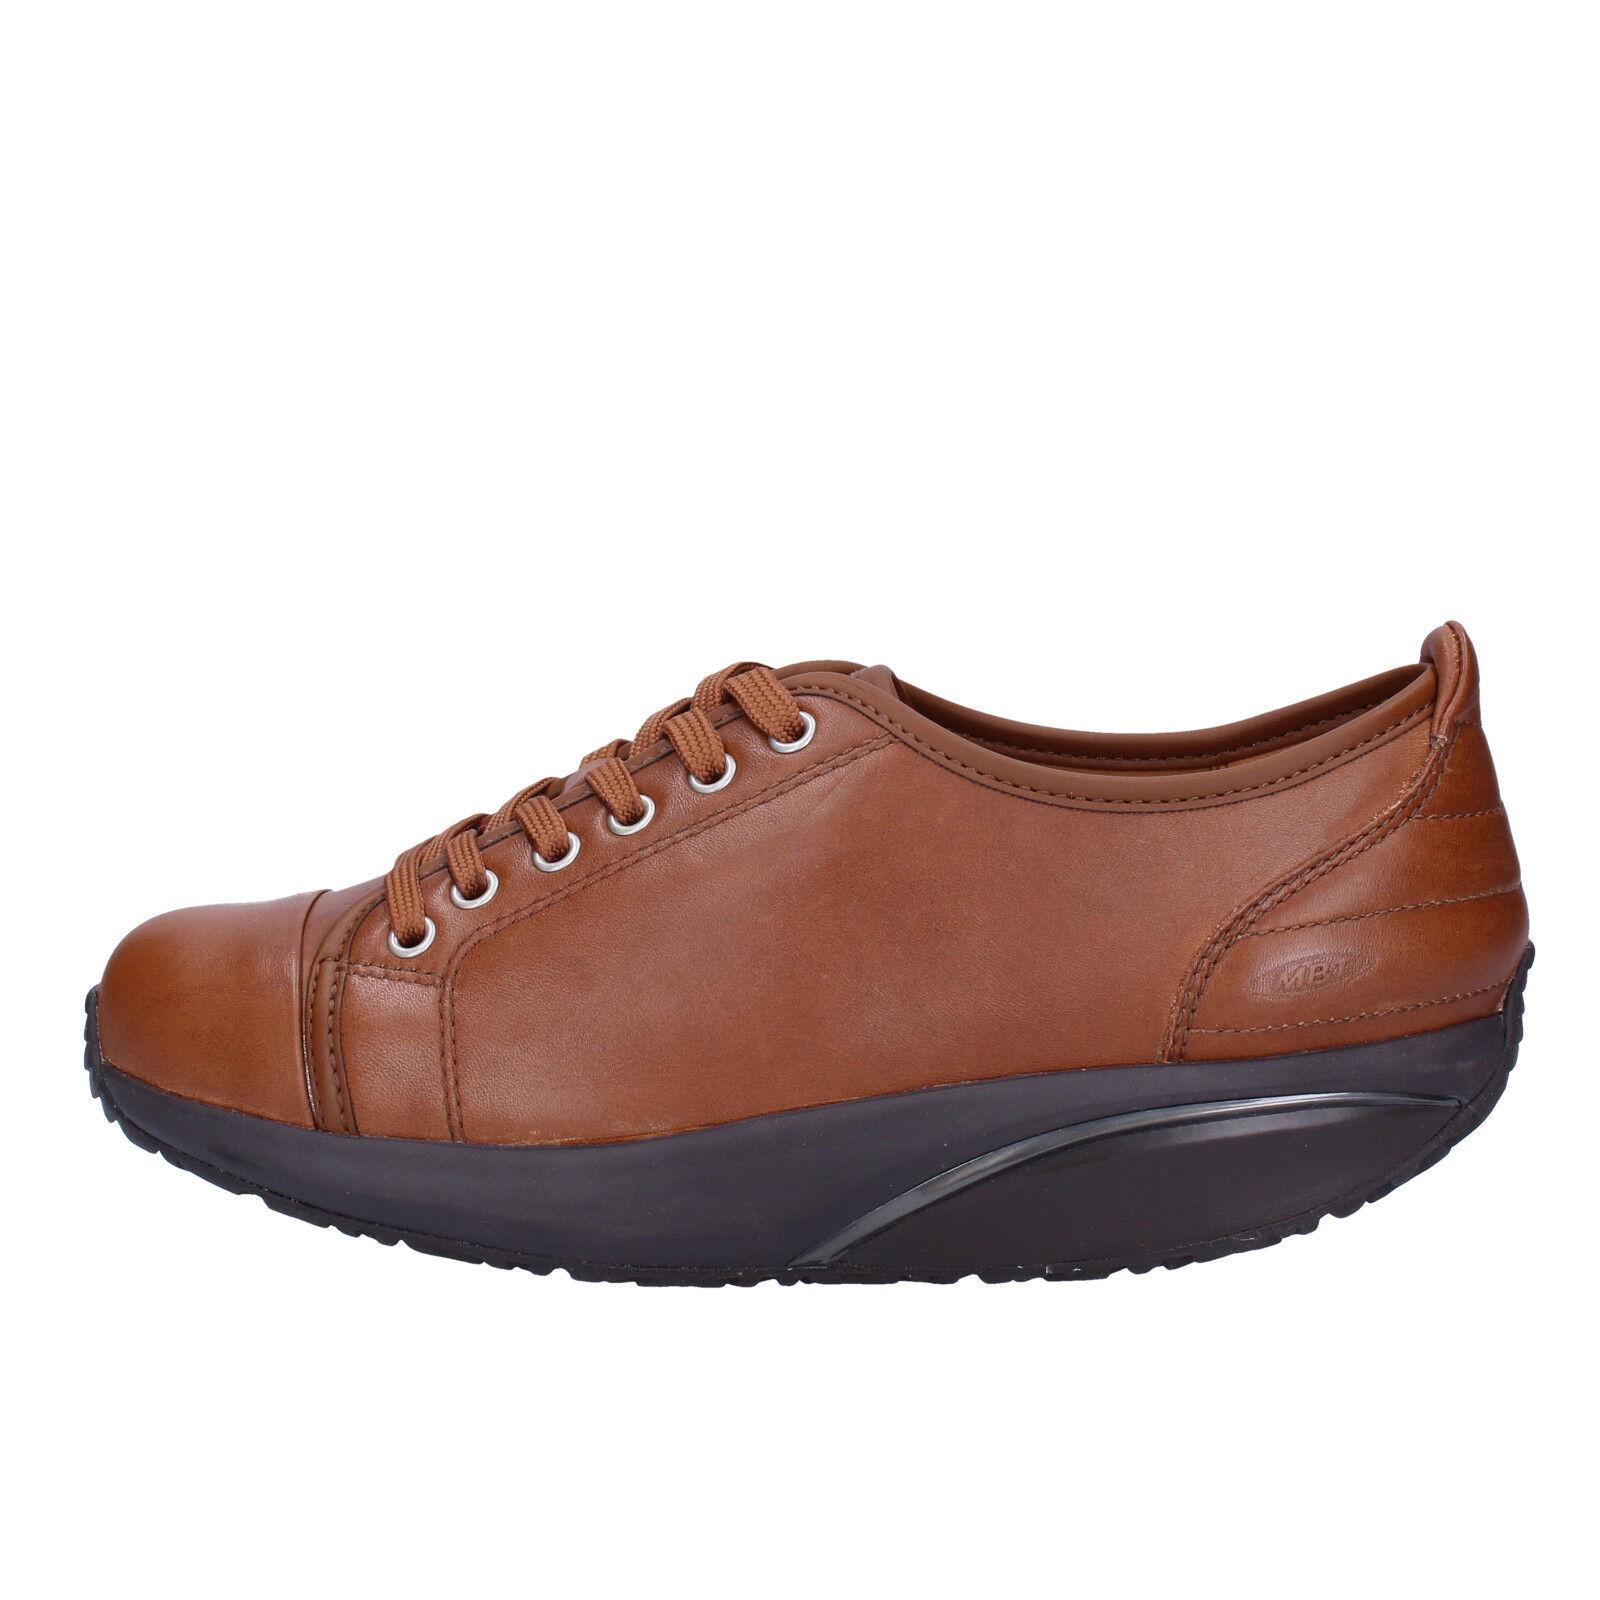 Scarpe scarpe da ginnastica scarpe donna MBT 37 EU scarpe da ginnastica scarpe ginnastica marrone pelle AC478   381b72